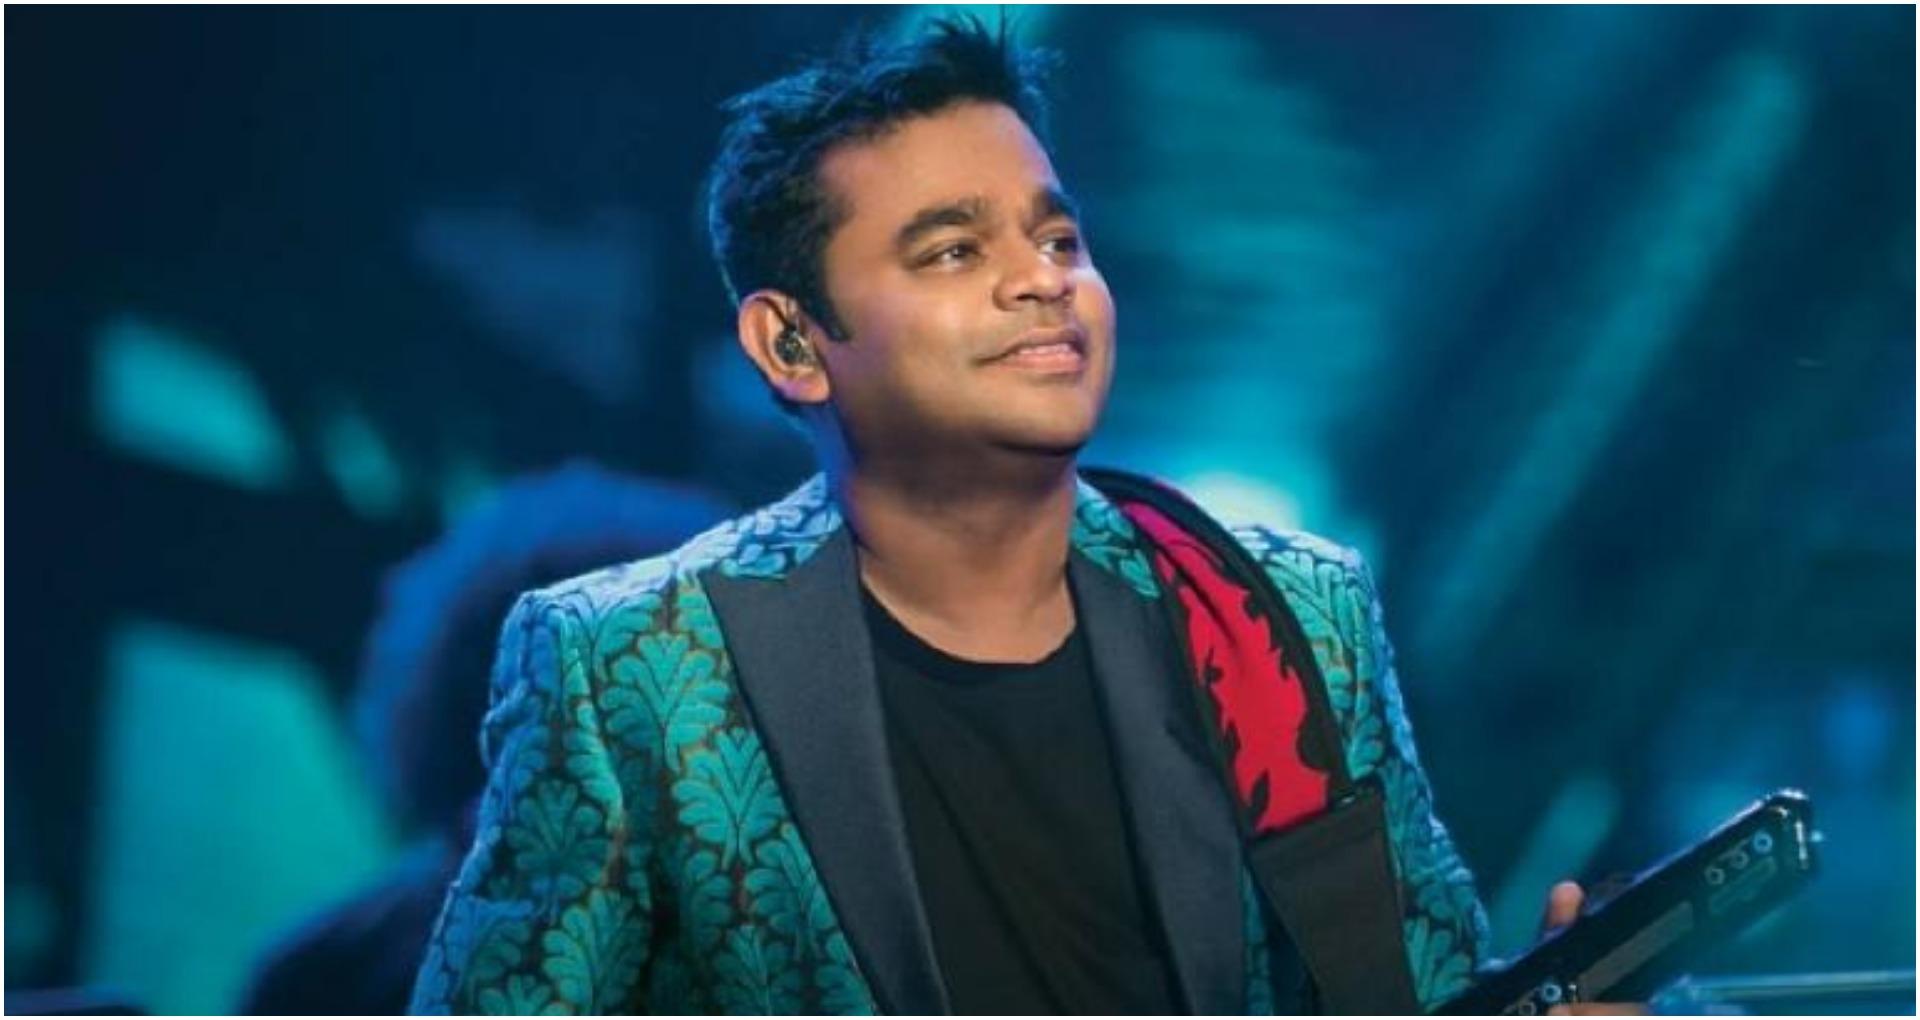 AR Rahman Birthday special: बॉलीवुड से ऑस्कर का सफर और कुछ अनजान बातें आप भी नहीं जानते होंगे